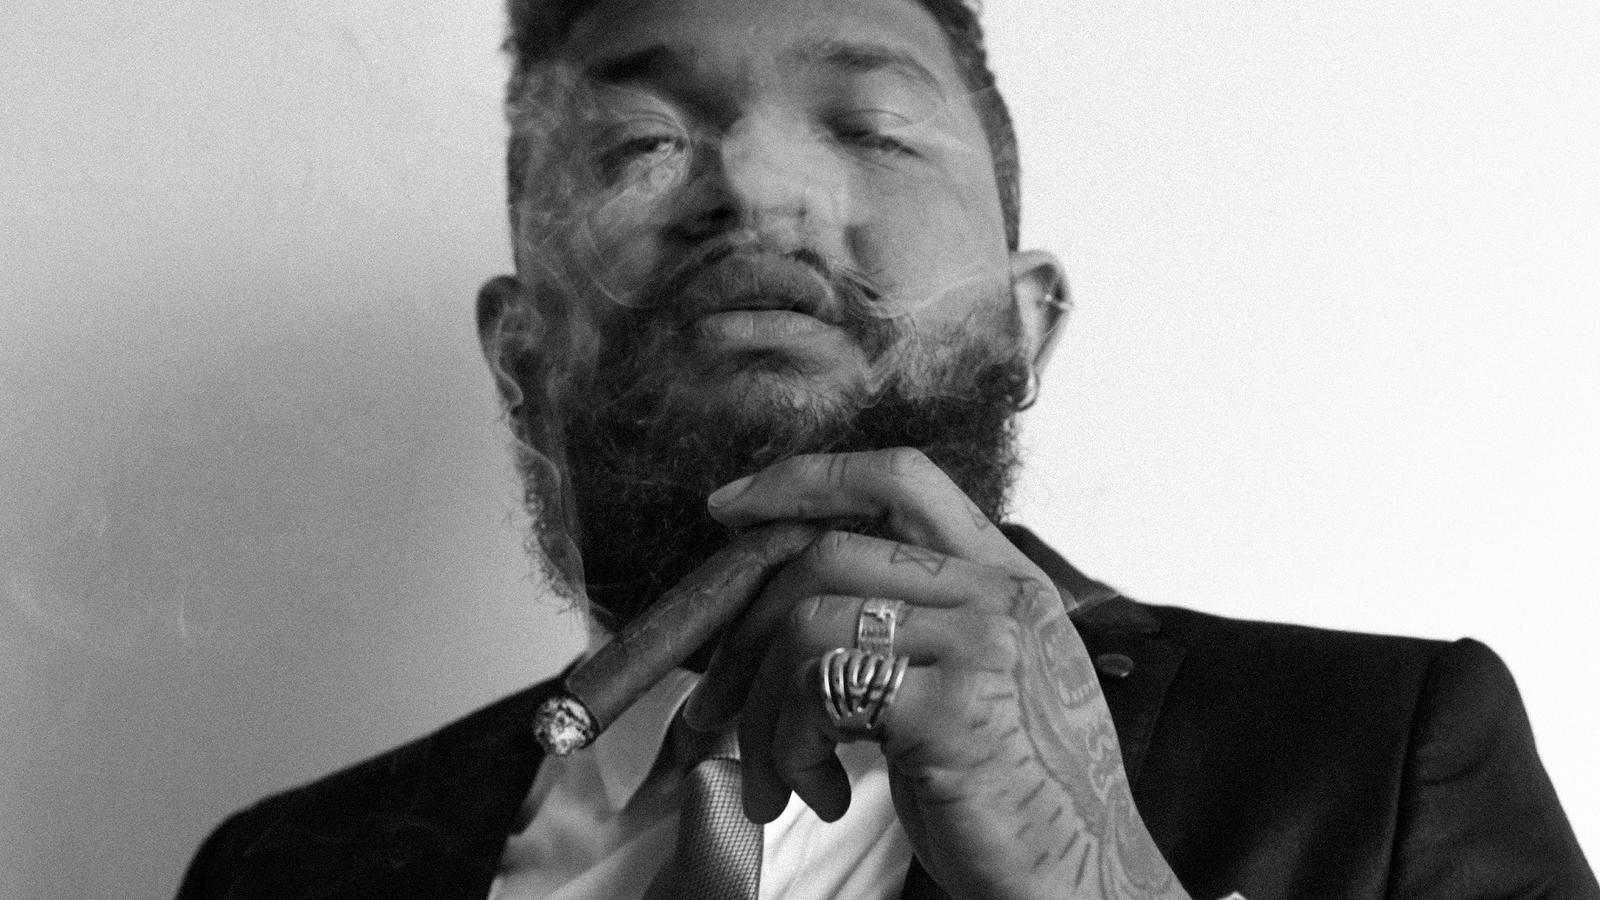 """Negro, gay e nordestino, Yhago Sebaz lança no final desse mês o EP """"Meio Amargo"""", descrito como um encontro do The Weeknd com o brega brasileiro."""